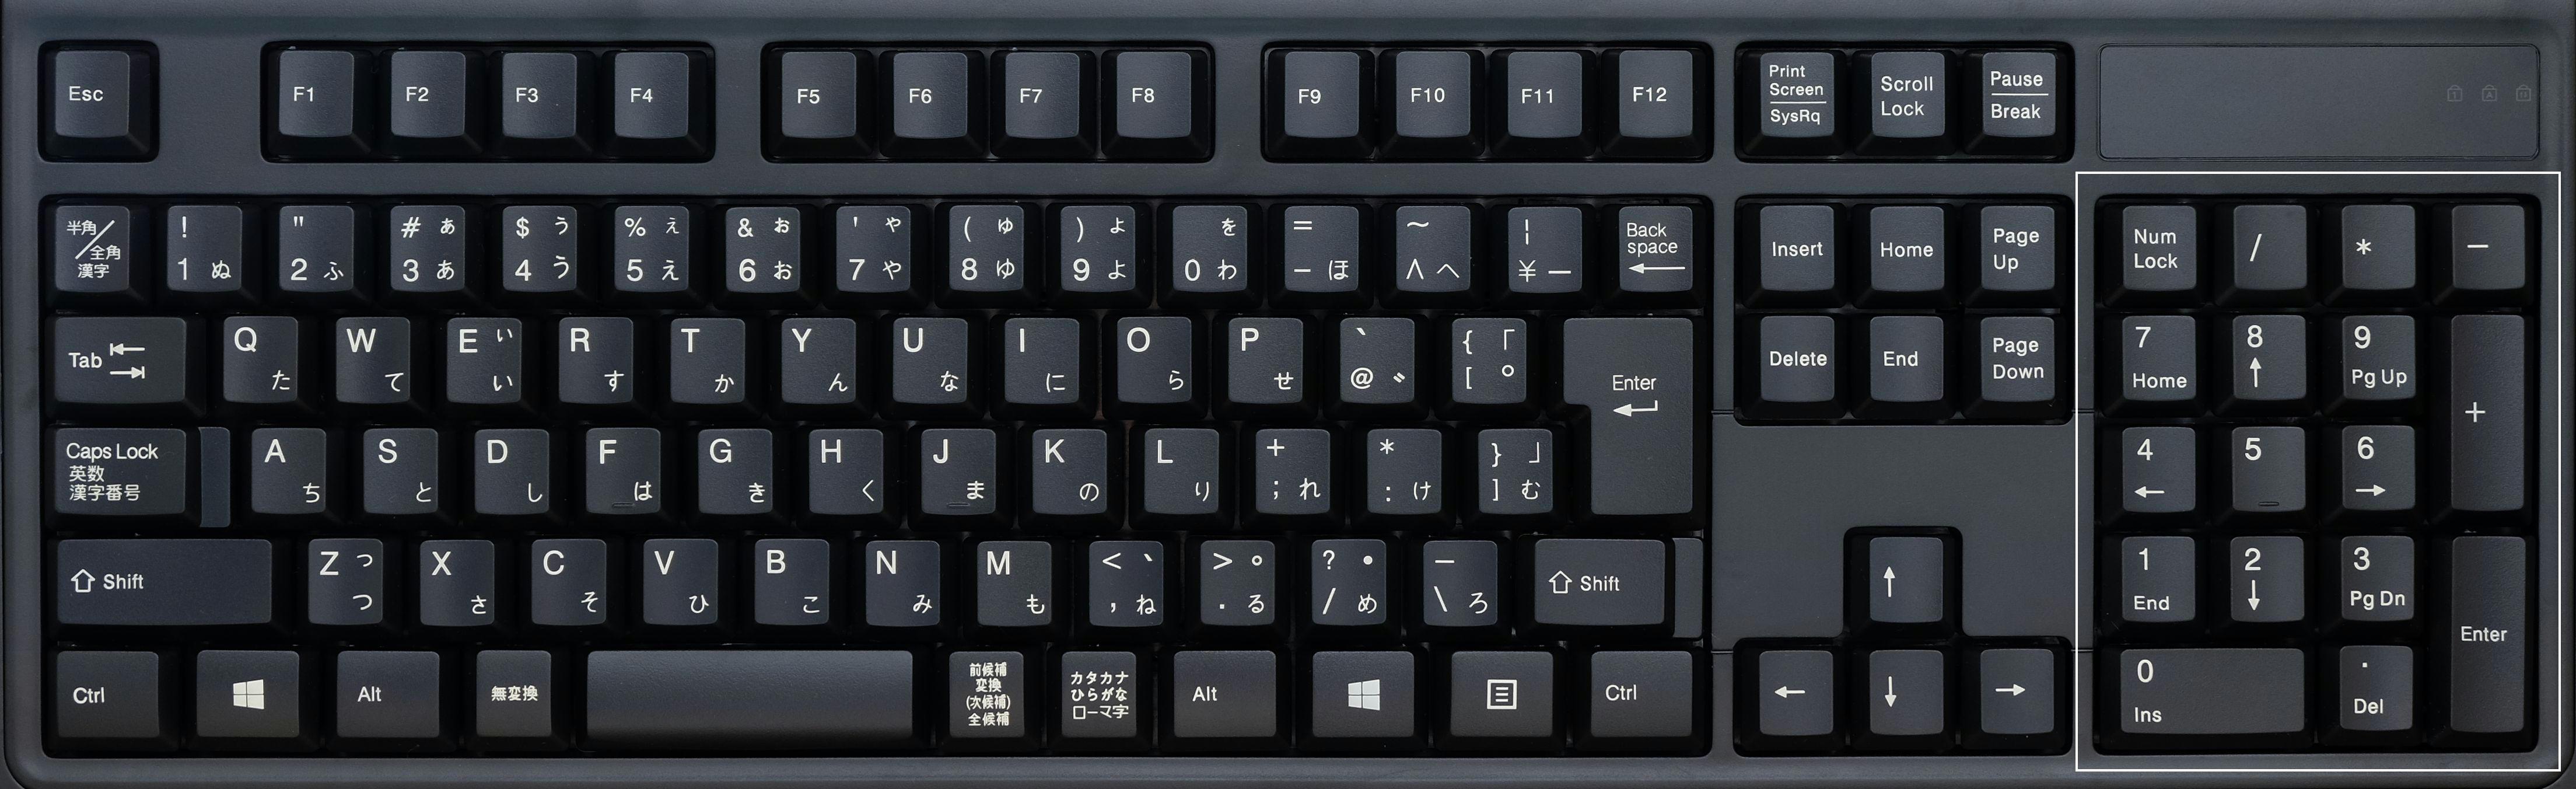 テンキー ない キーボード 使え テンキーのオン/オフを切り替える方法